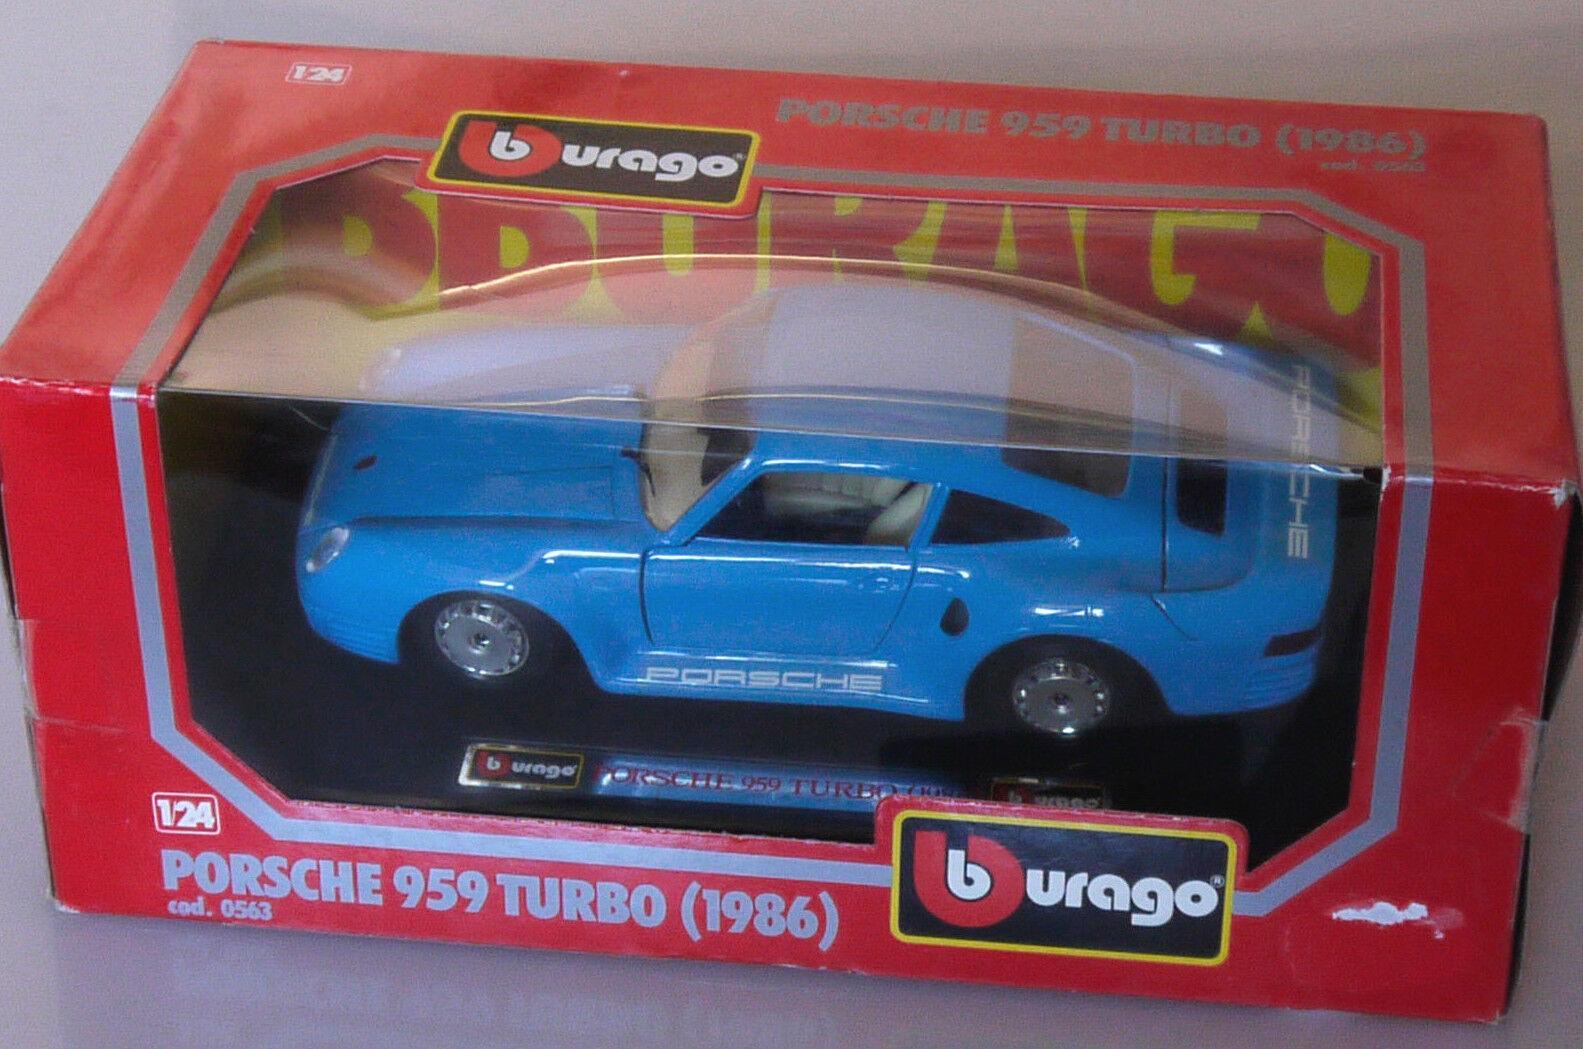 tiendas minoristas PRL) BBURAGO BURAGO 1 24 METAL DIE CAST CAST CAST COD 0563 PORSCHE 959 TURBO 1986 RACING  compra limitada